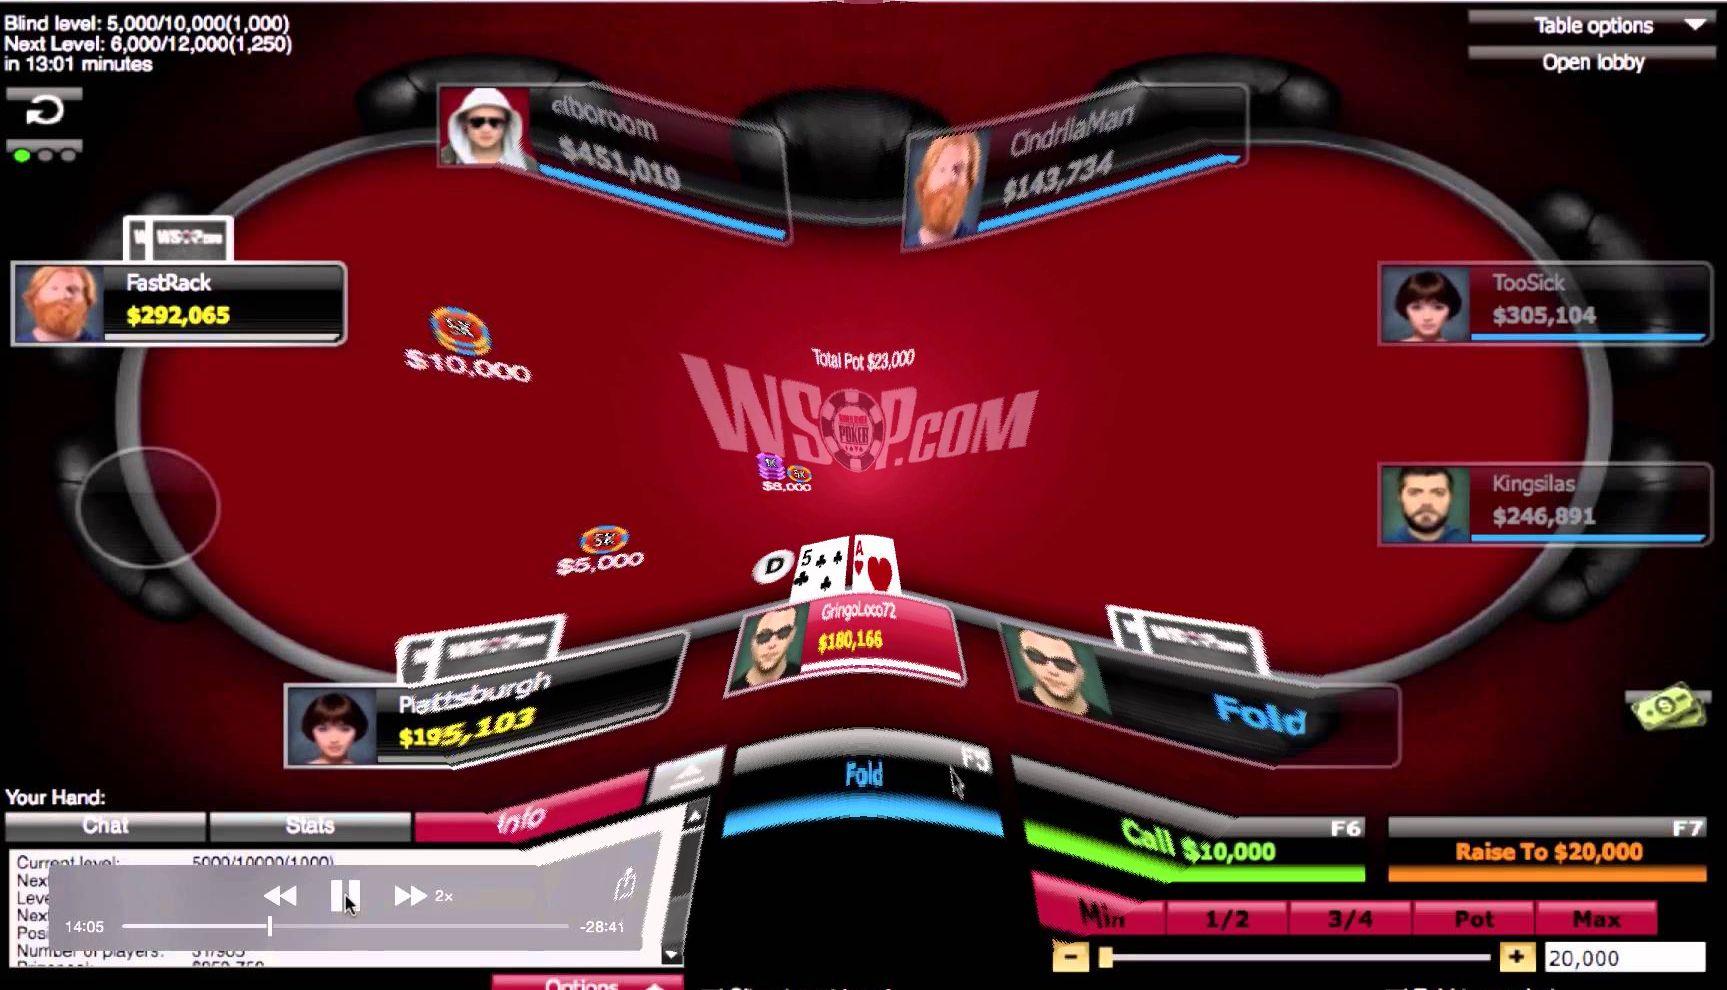 WSOP.com online poker table